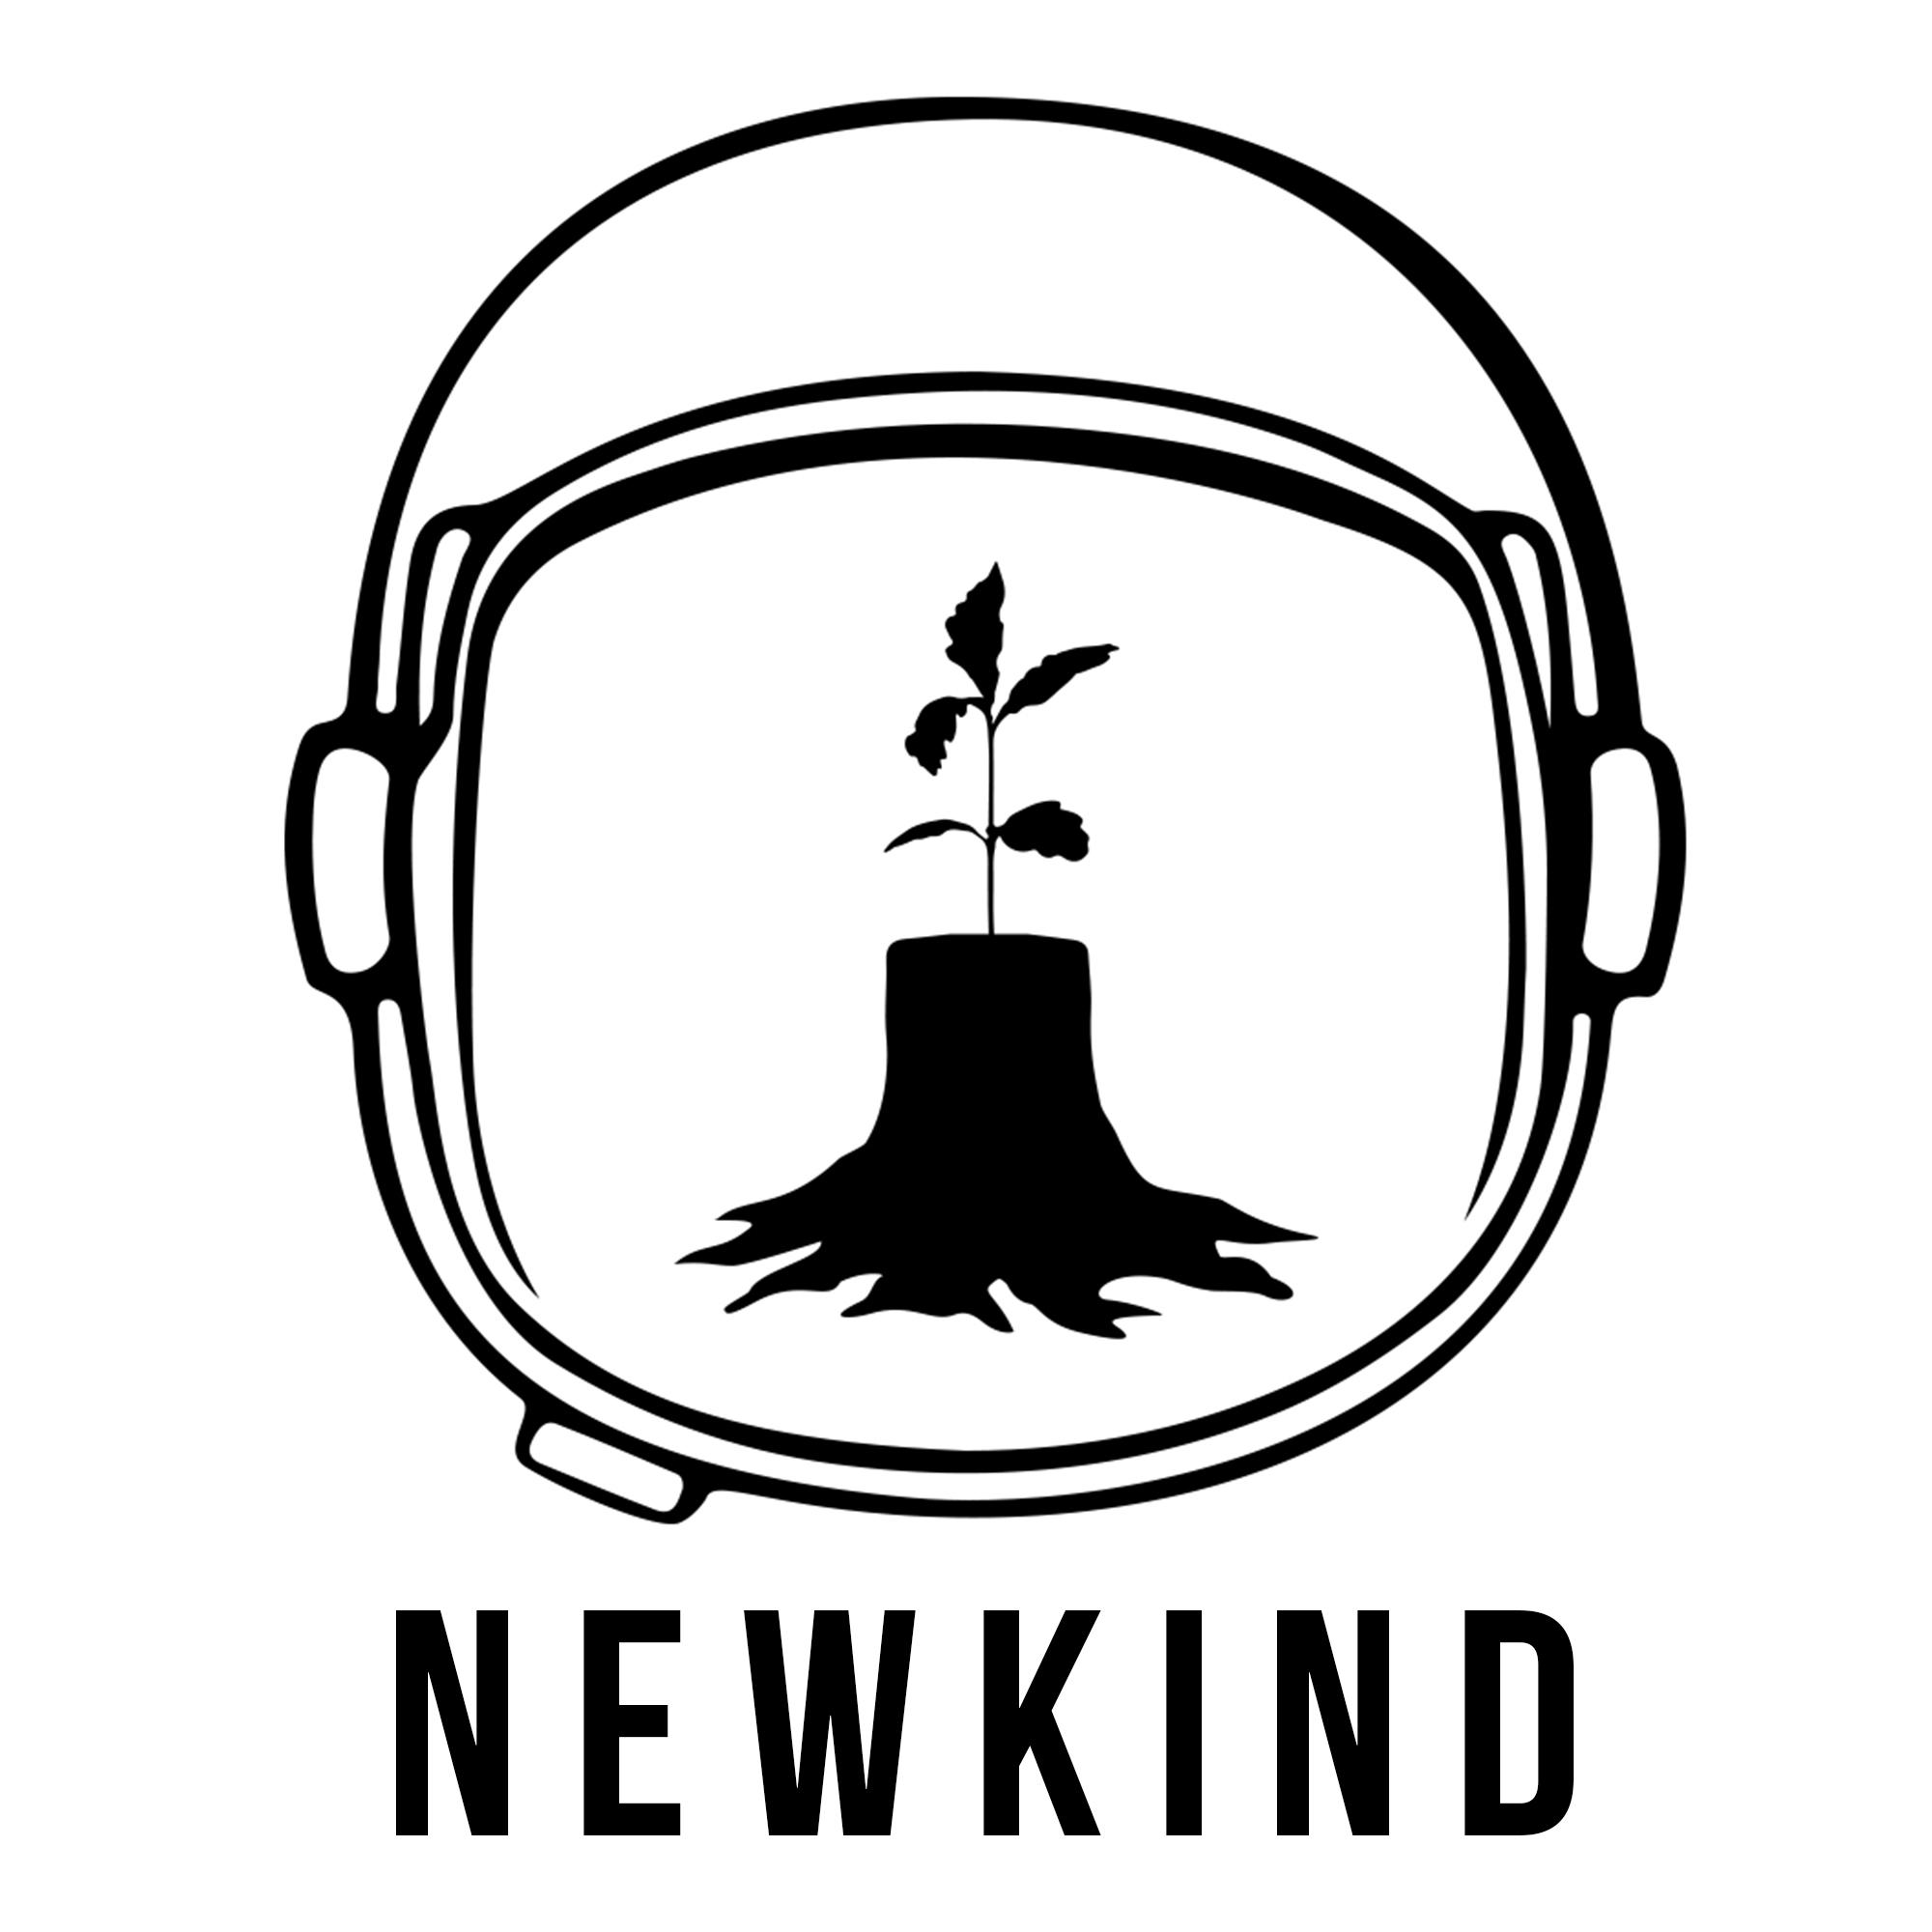 Newkind logo